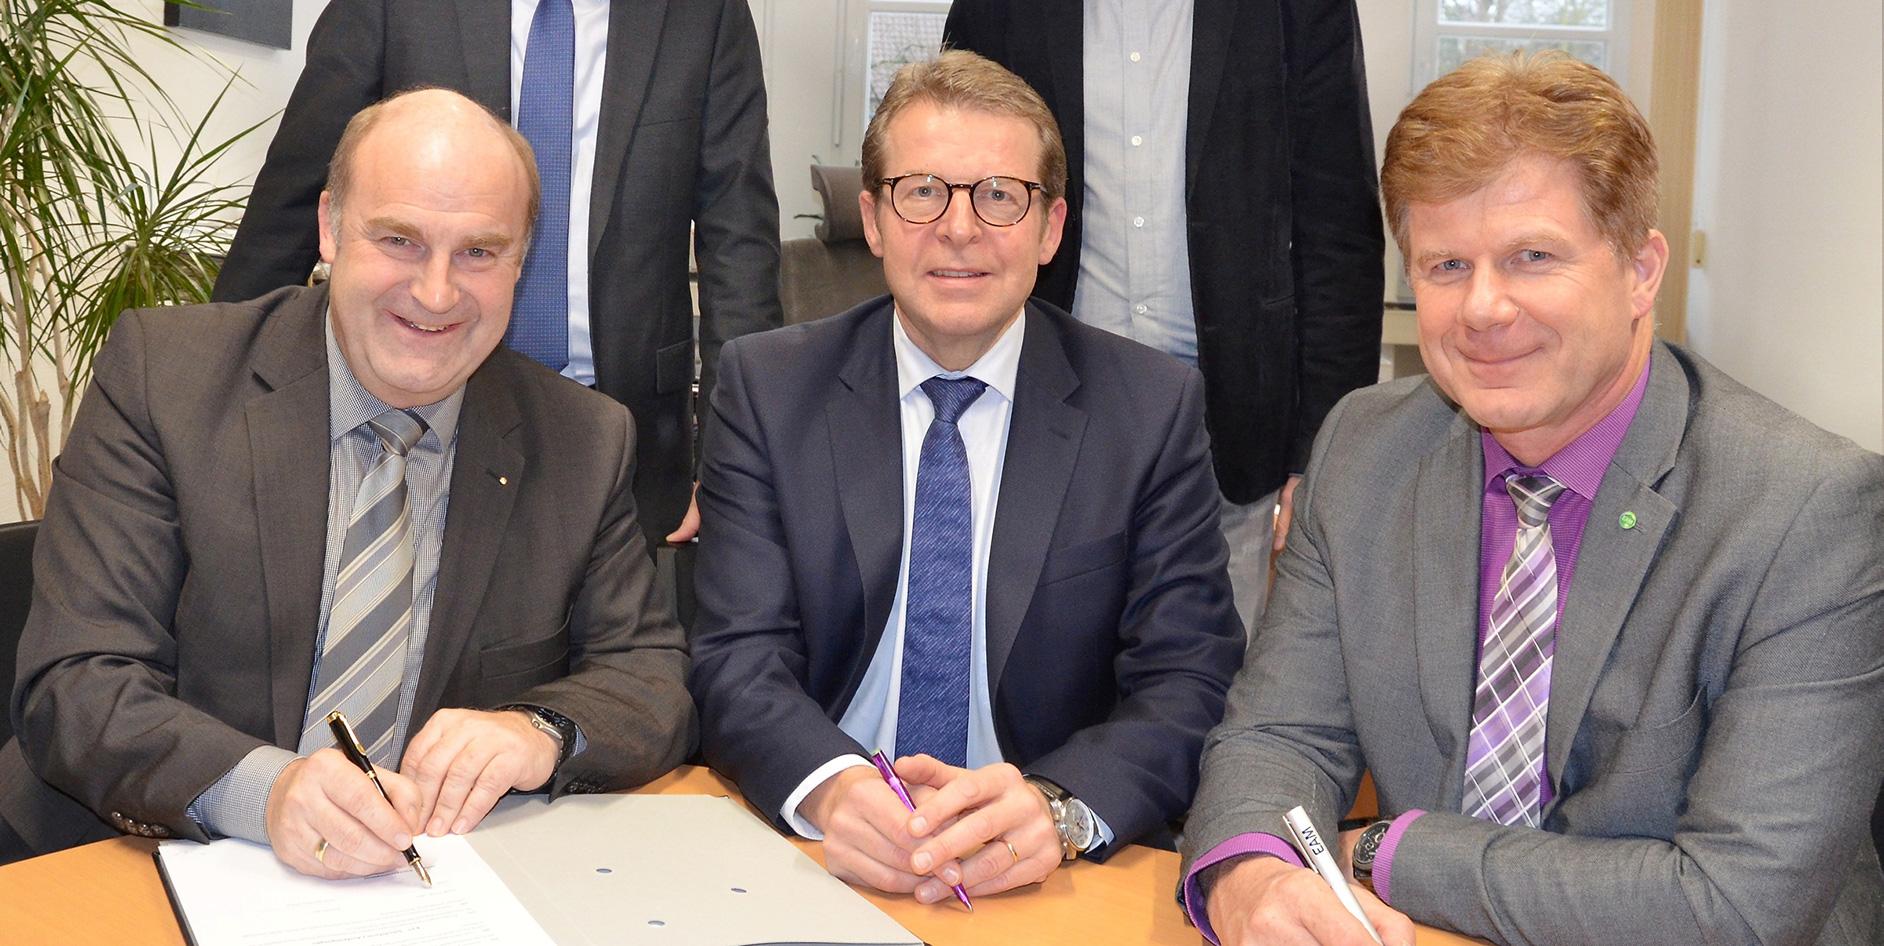 Unterzeichnung des Gaskonzessionsvertrags in Uslar am 6. Februar 2020.